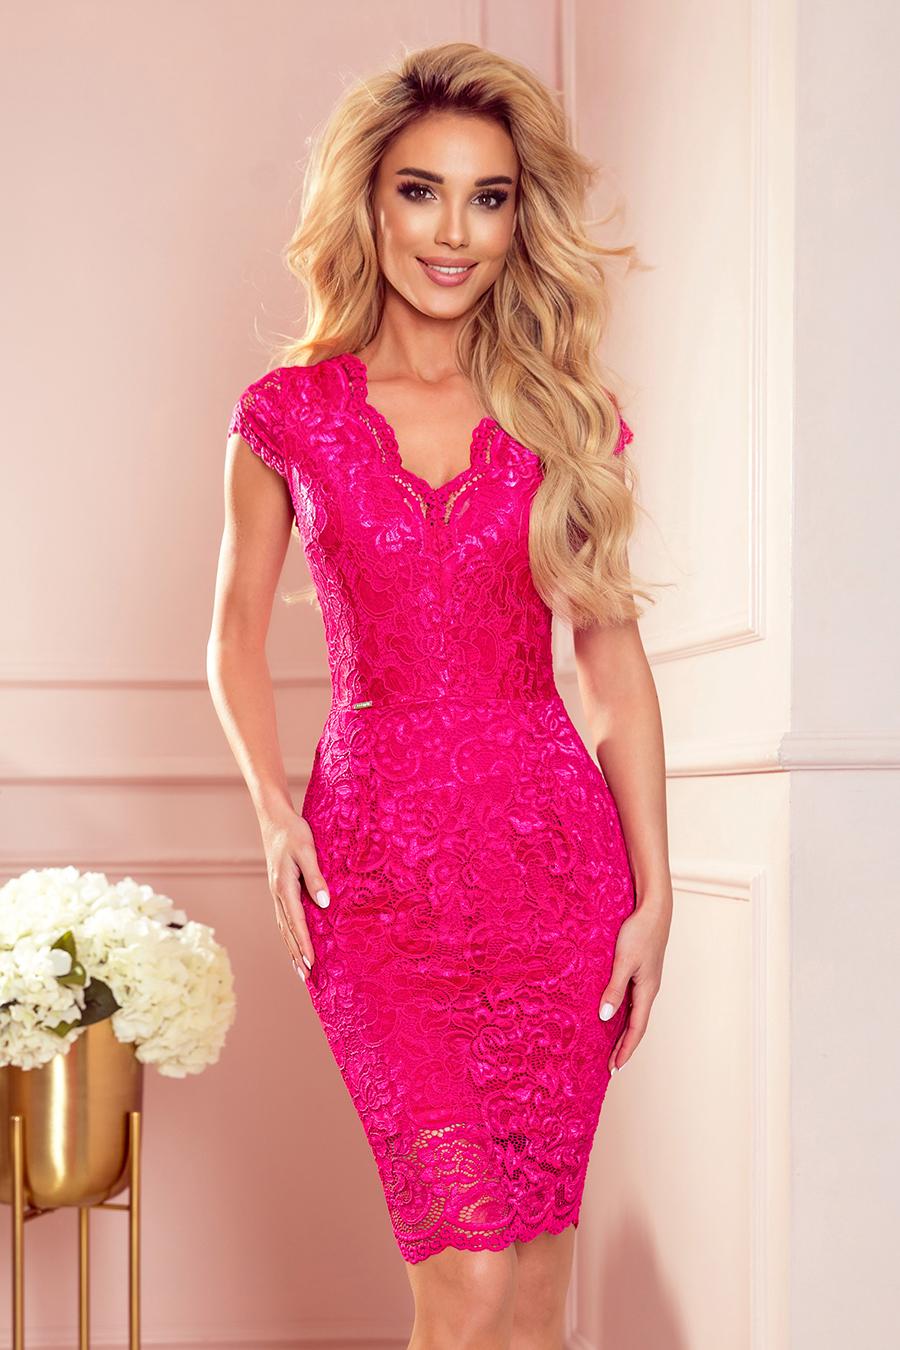 c801f6eb3827a8 hurtownia odzieży damskiej moda damska odzież sukienki halki hurt Polska